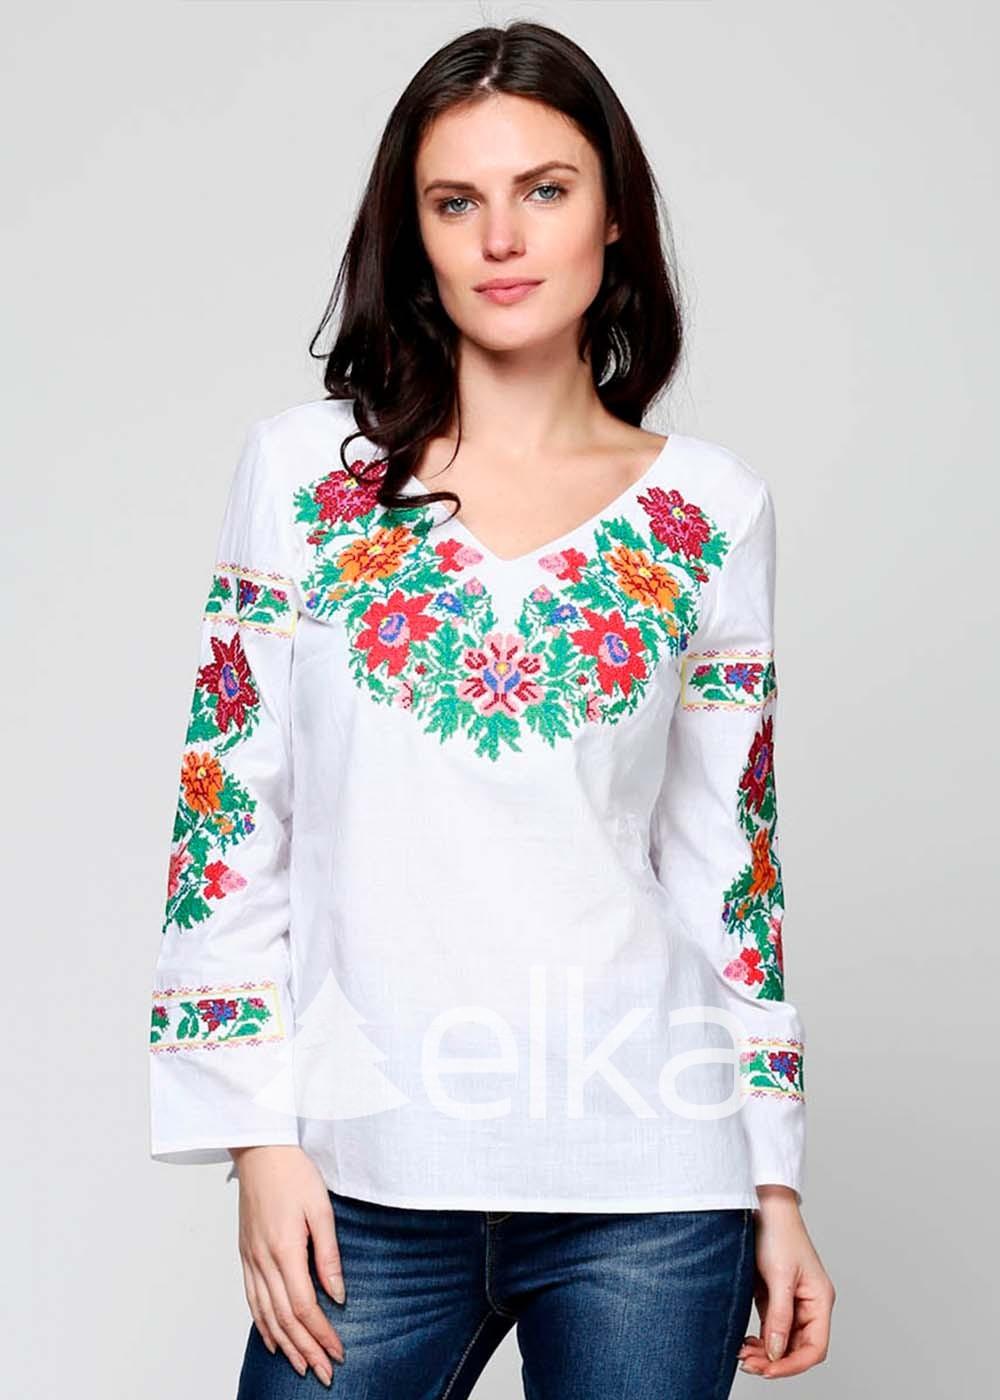 Вышиванка женская белая Цветочный венок